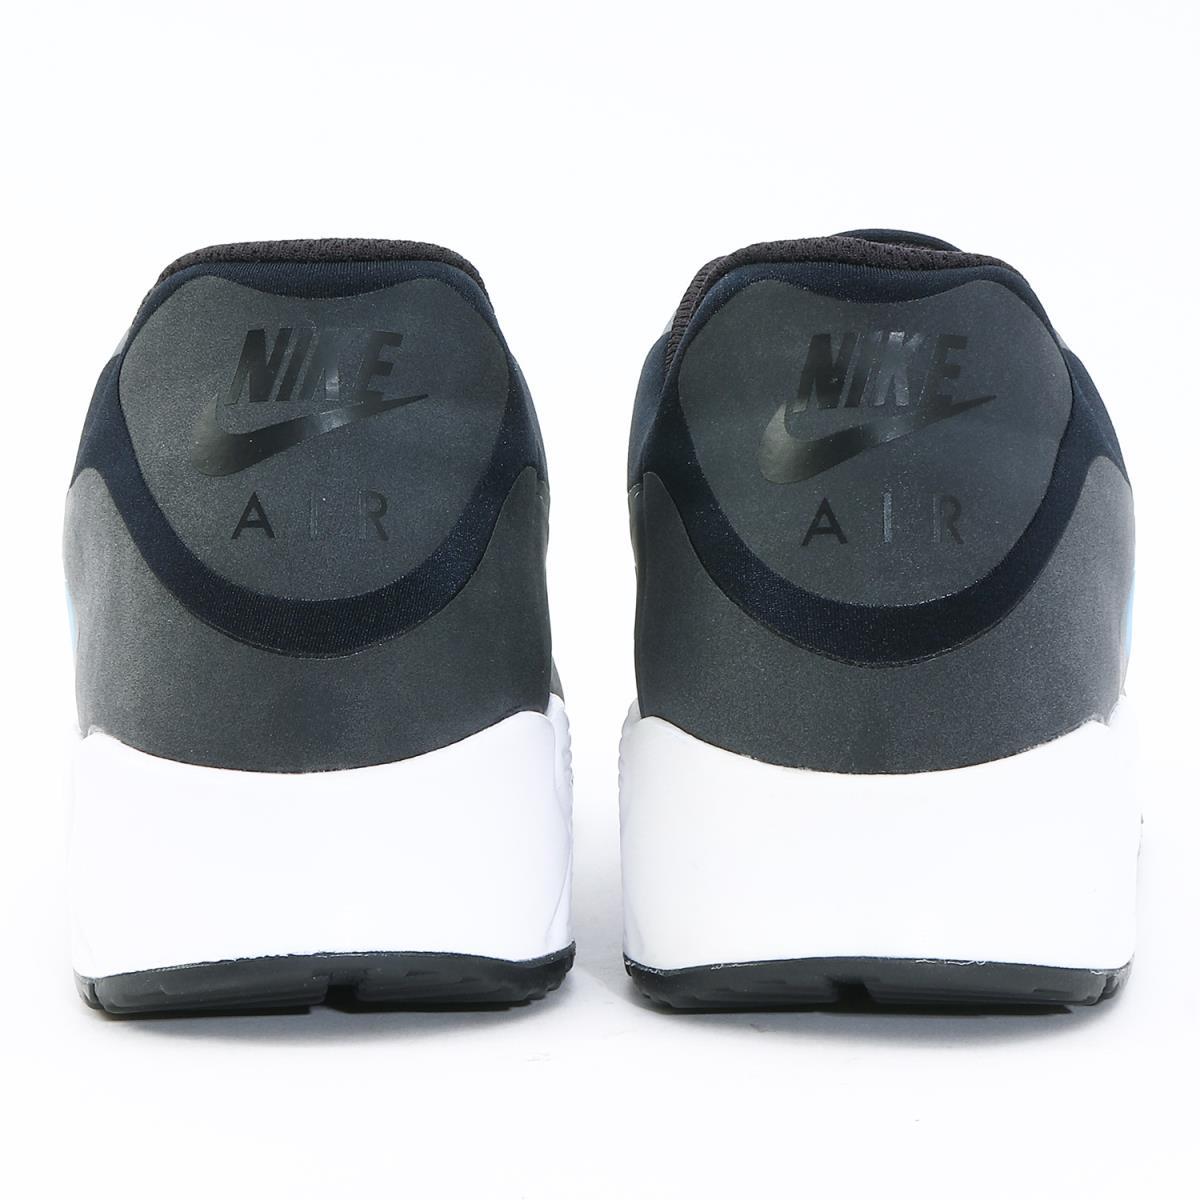 NIKE (Nike) AIR MAX 90 NS GPX (AJ7182 001) black X laser blue US9.5(27.5cm)